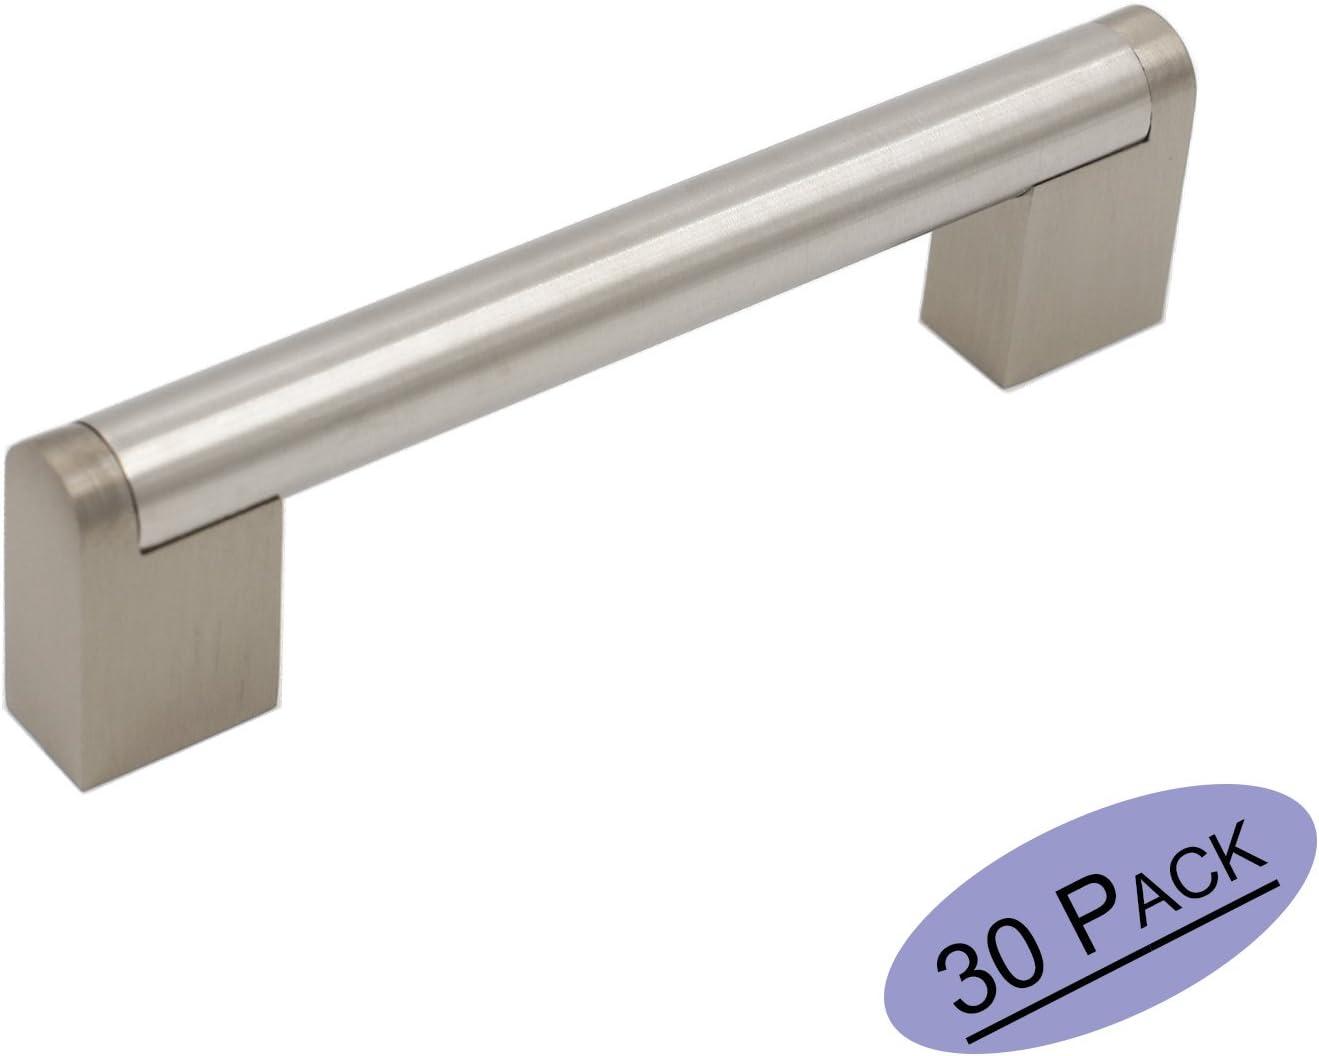 1x 102mm M/öbelgriffe Edelstahl Schrankgriffe T/ürgriff Goldenwarm Modern K/üchengriffe LSJ14BSS102 geb/ürstetes Nickel